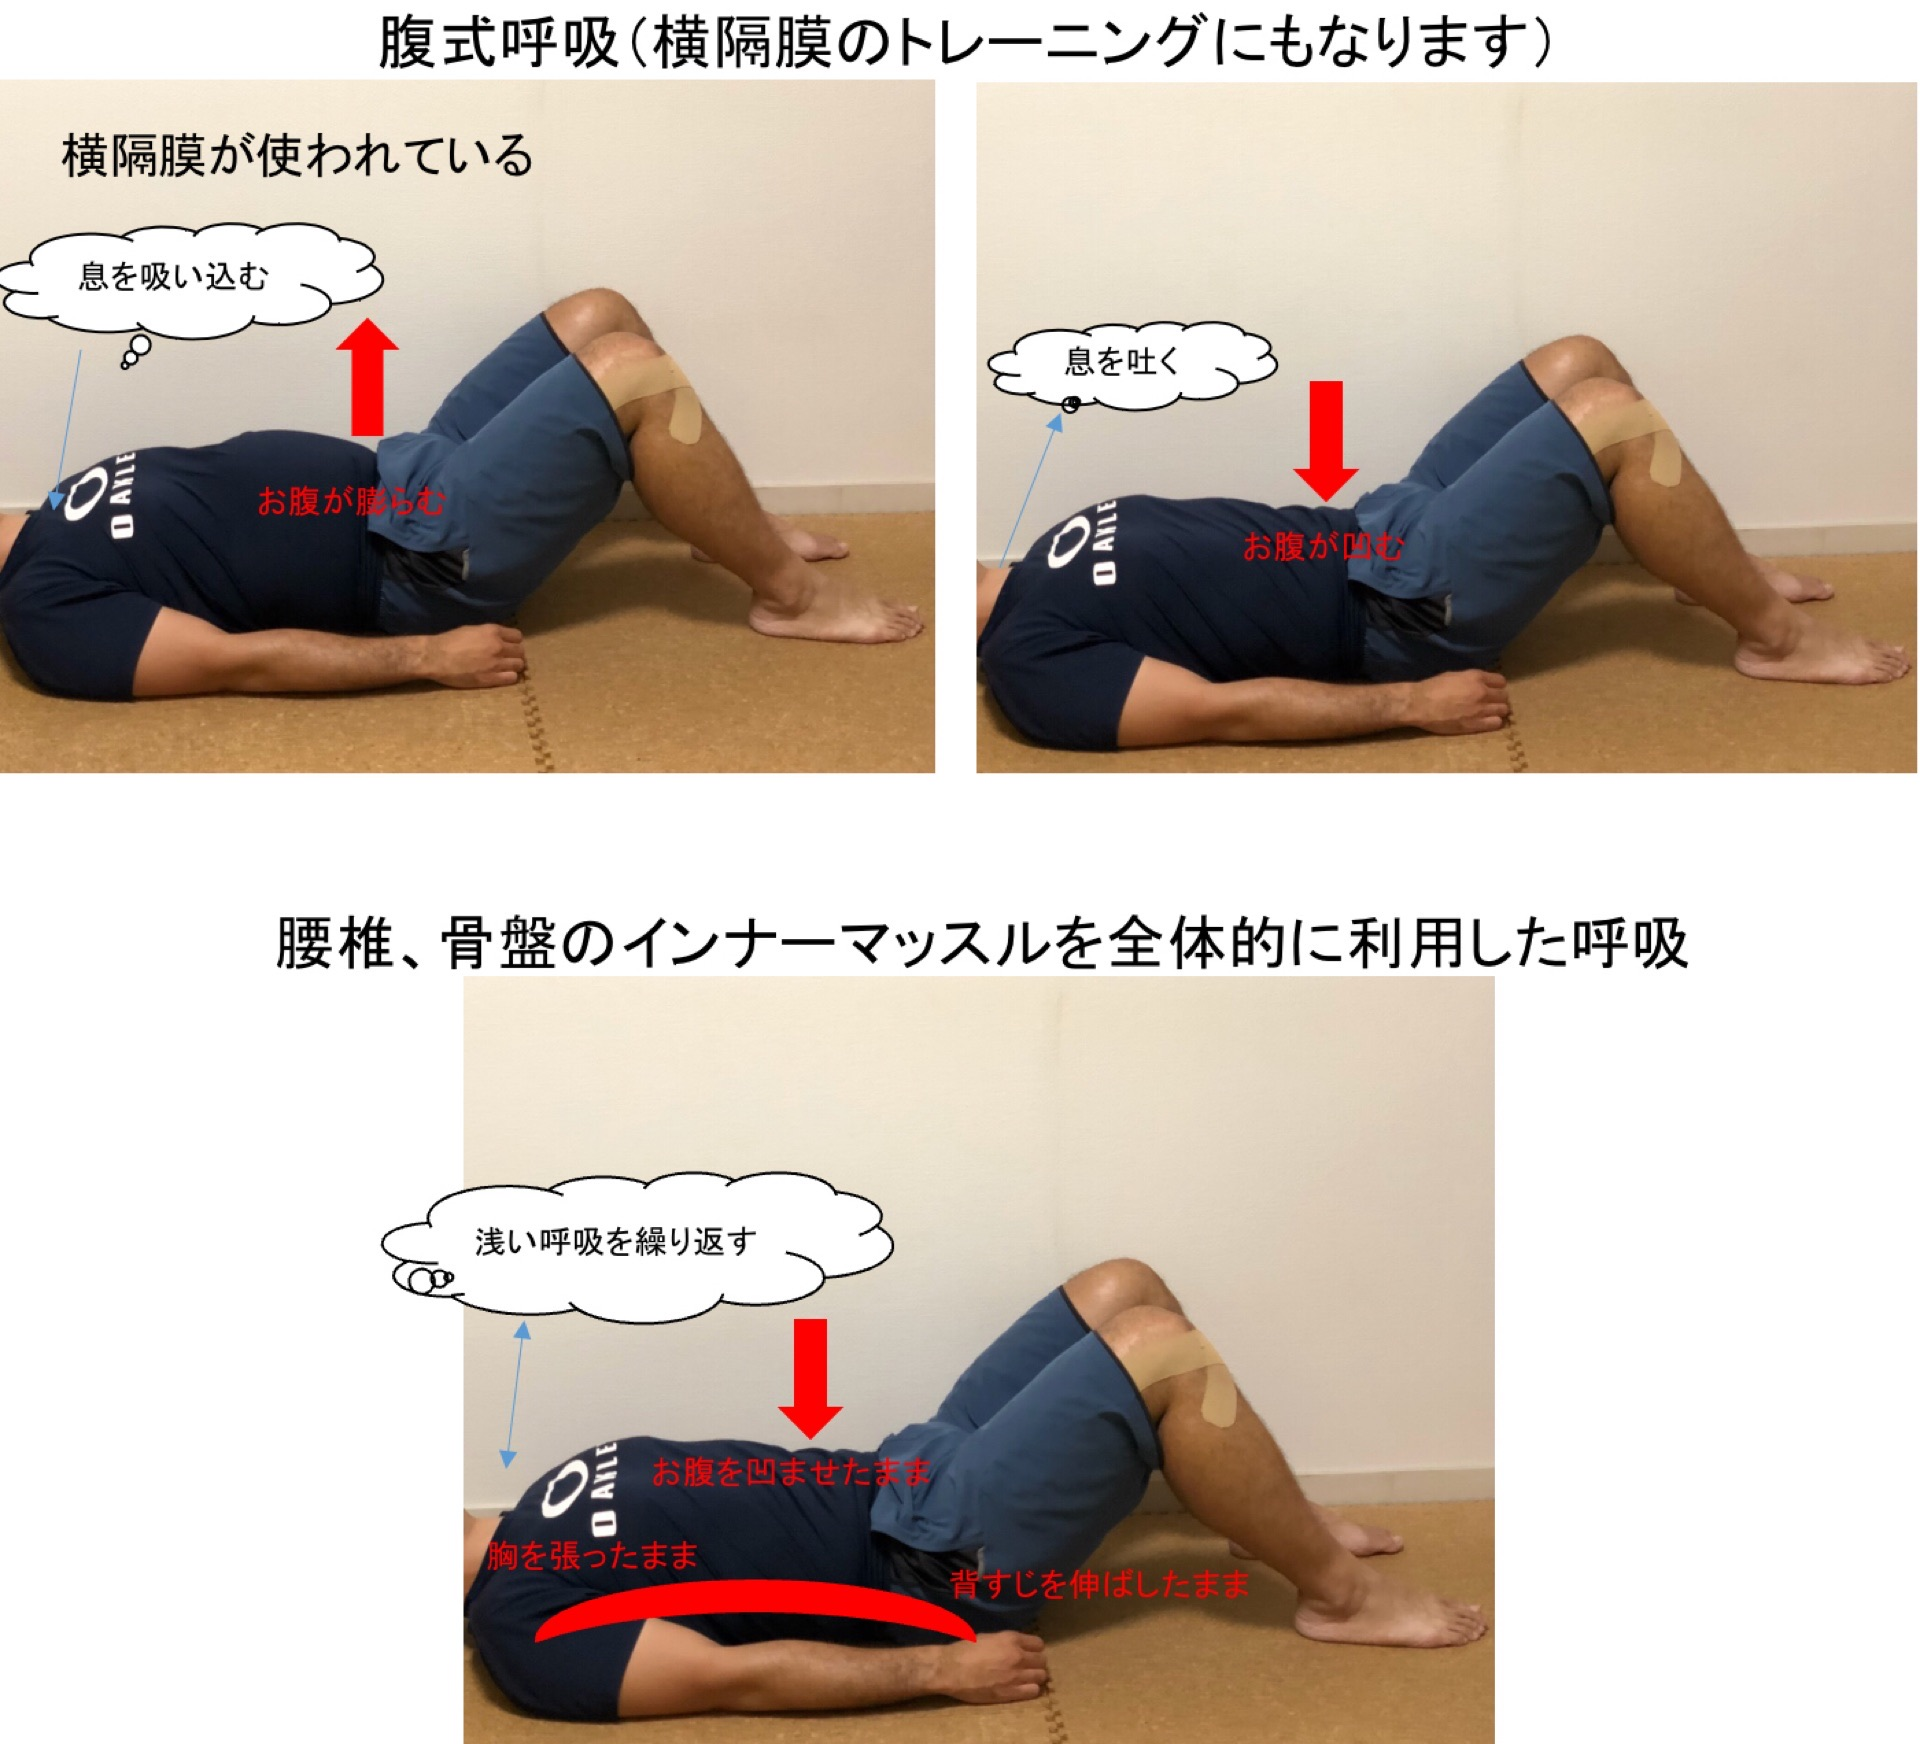 腹式呼吸とインナーマッスル